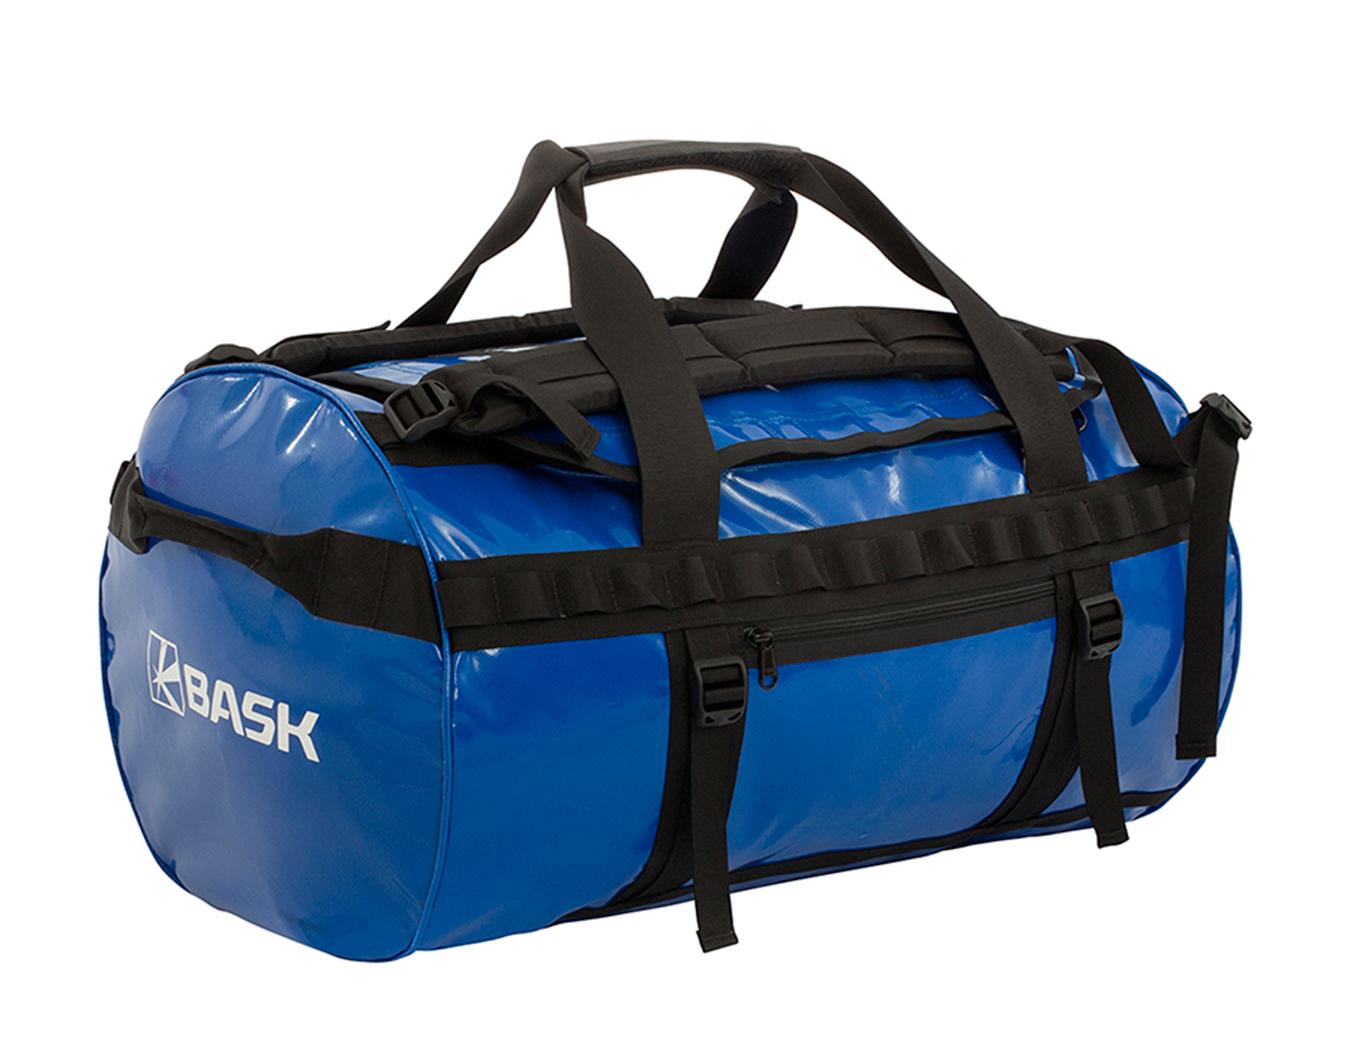 Сумка BASK TRANSPORT 120 V2 2312Сумки<br><br><br>Возможность переносить как рюкзак: Да<br>Материал изготовления: TEZA<br>Наличие плечевого ремня: Да<br>Объем: 120<br>Цвет: ЧЕРНЫЙ